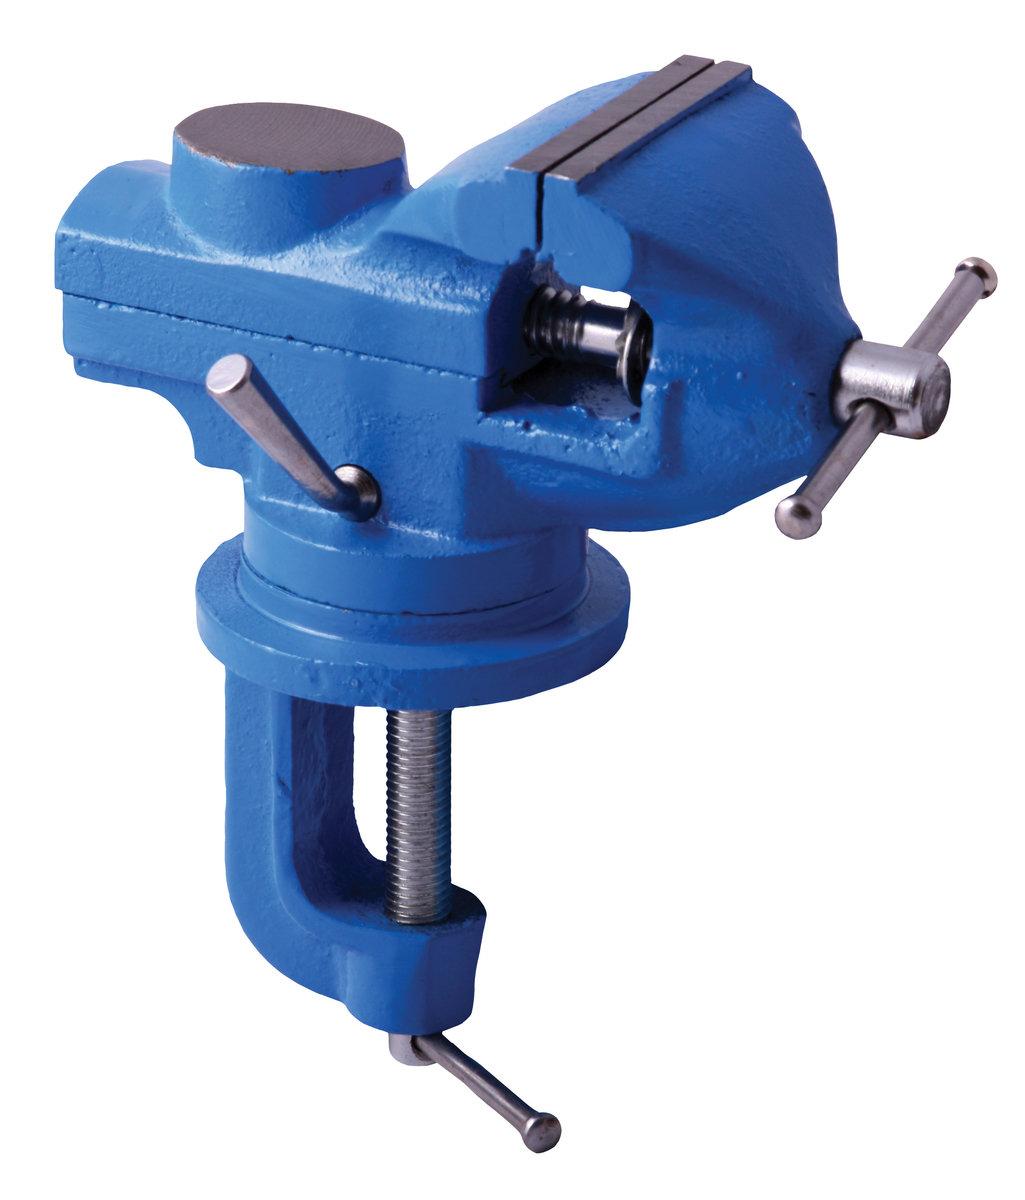 Otočný dílenský svěrák, malý 60mm - MAGG  30702260